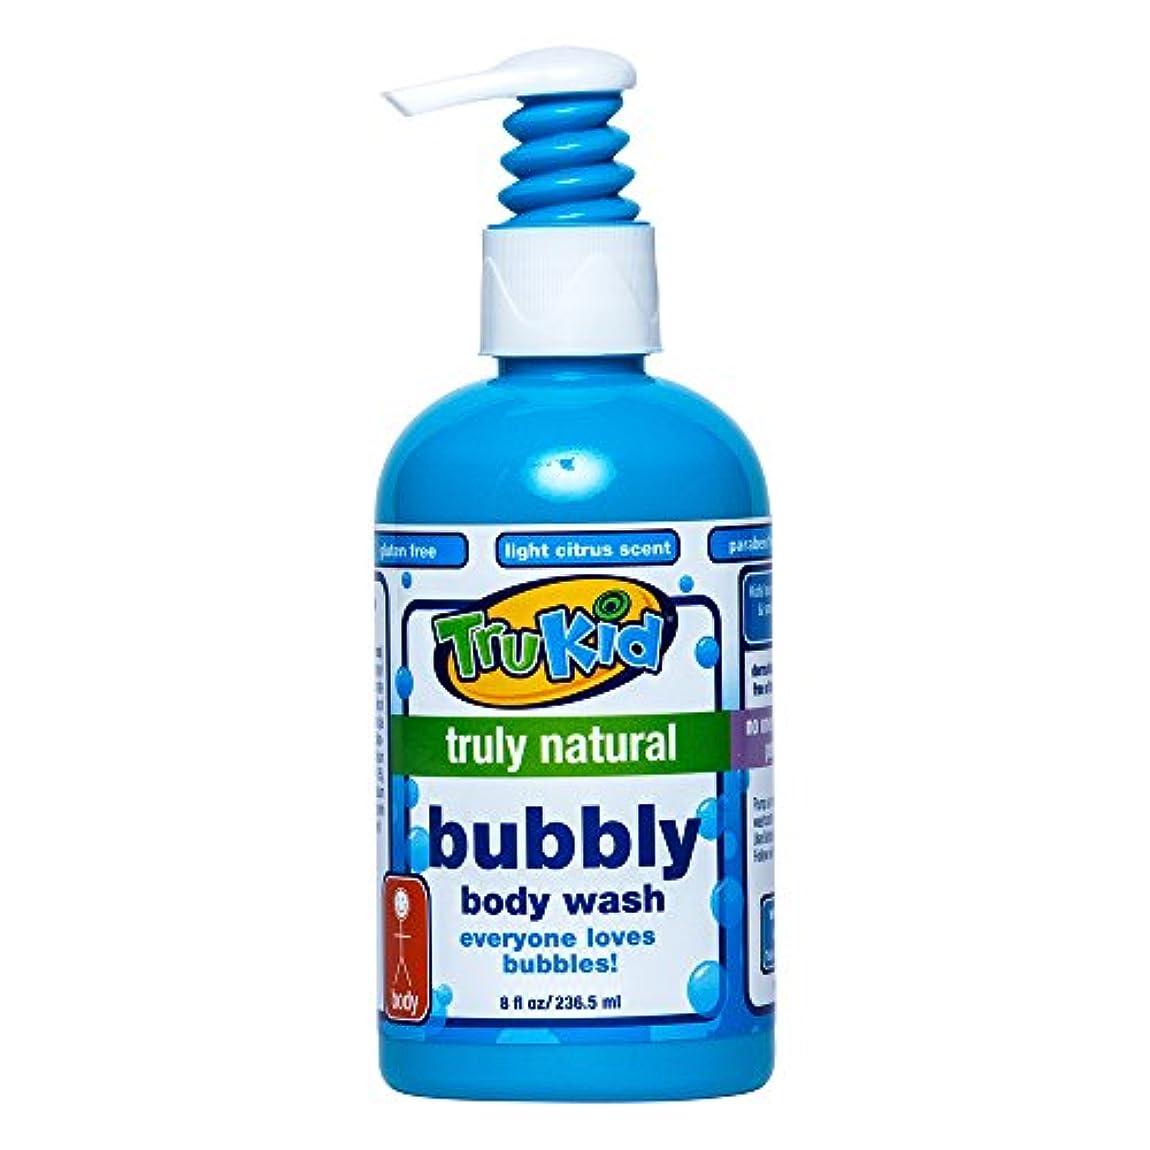 膨らませる差別化する香港TruKid, Bubbly Body Wash, 8 fl oz (236.5 ml)